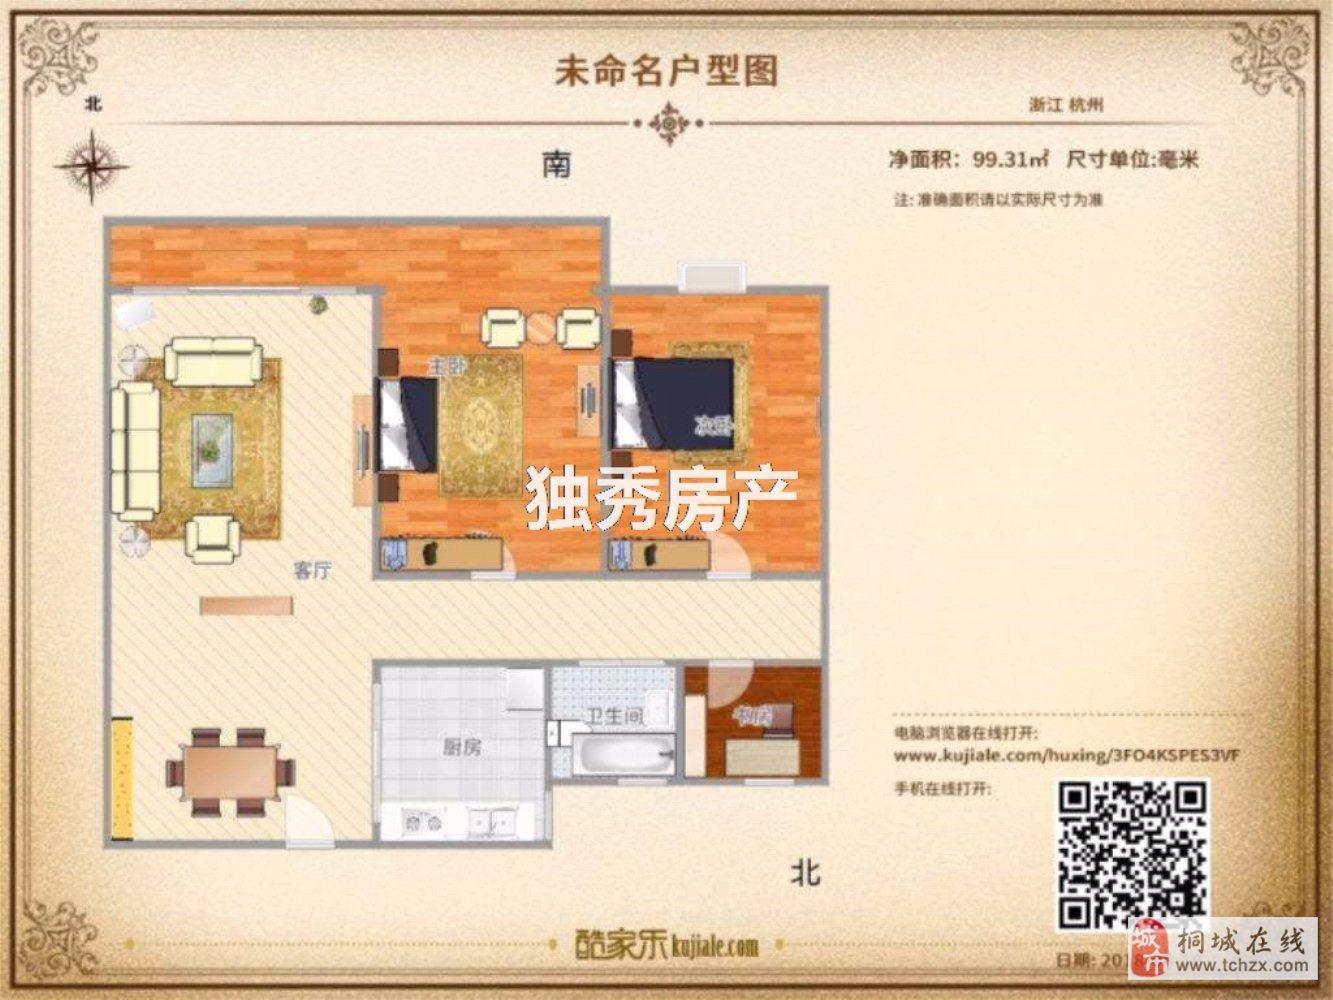 出售上和家园3室2厅1卫58万元近学校